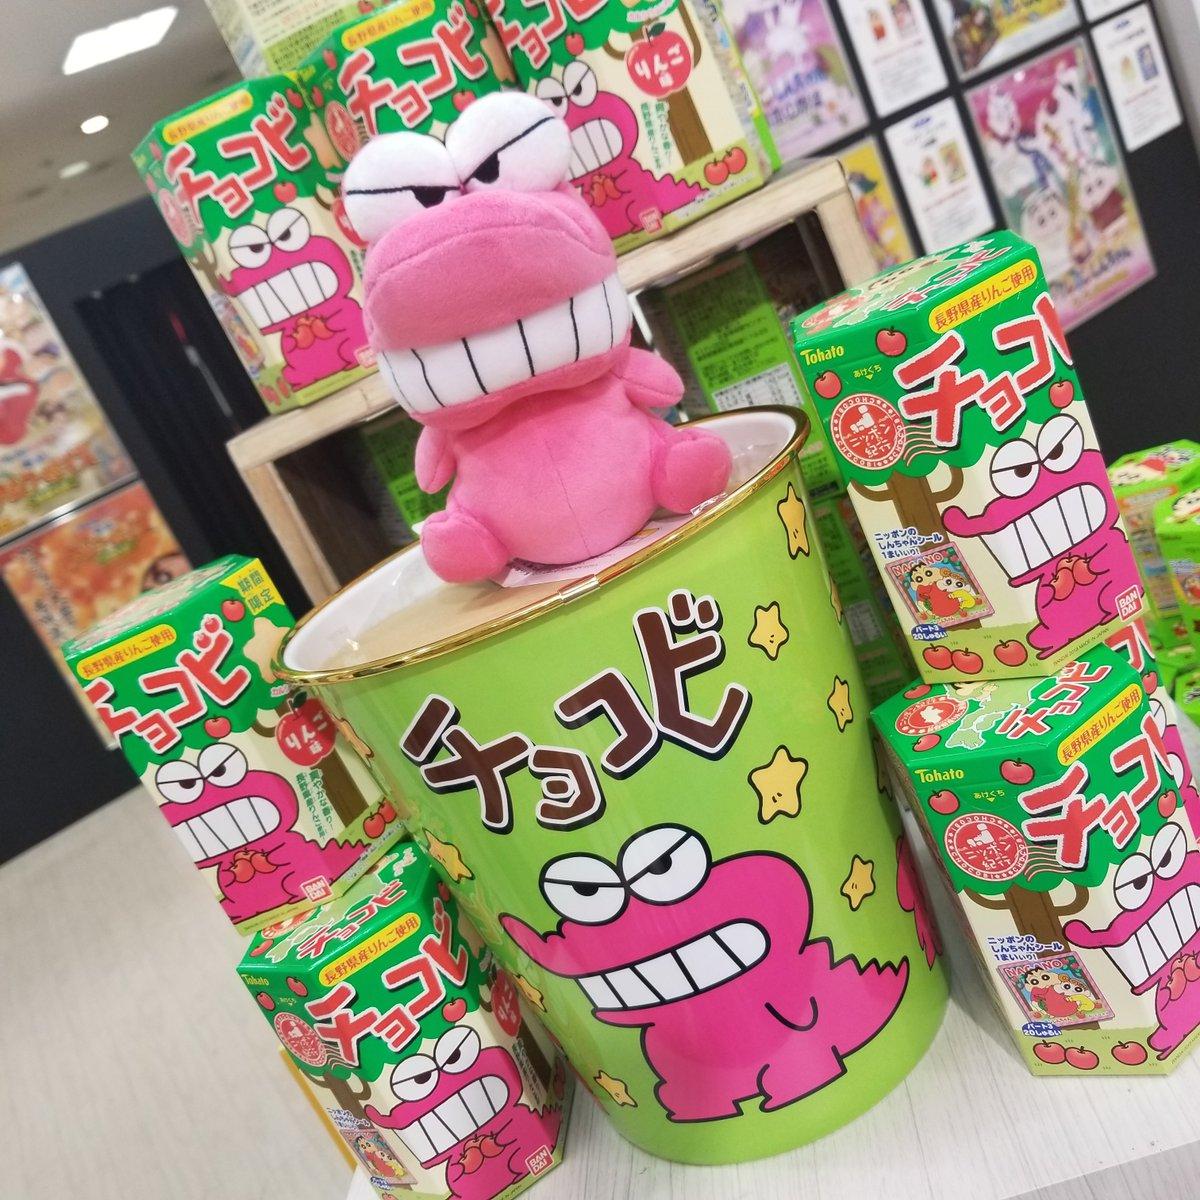 チョコビのリンゴ味(110円+税)入荷しております~☆ チョコビ クレヨンしんちゃん ワニ山さん  pic.twitter.com/j9dOicpD1M